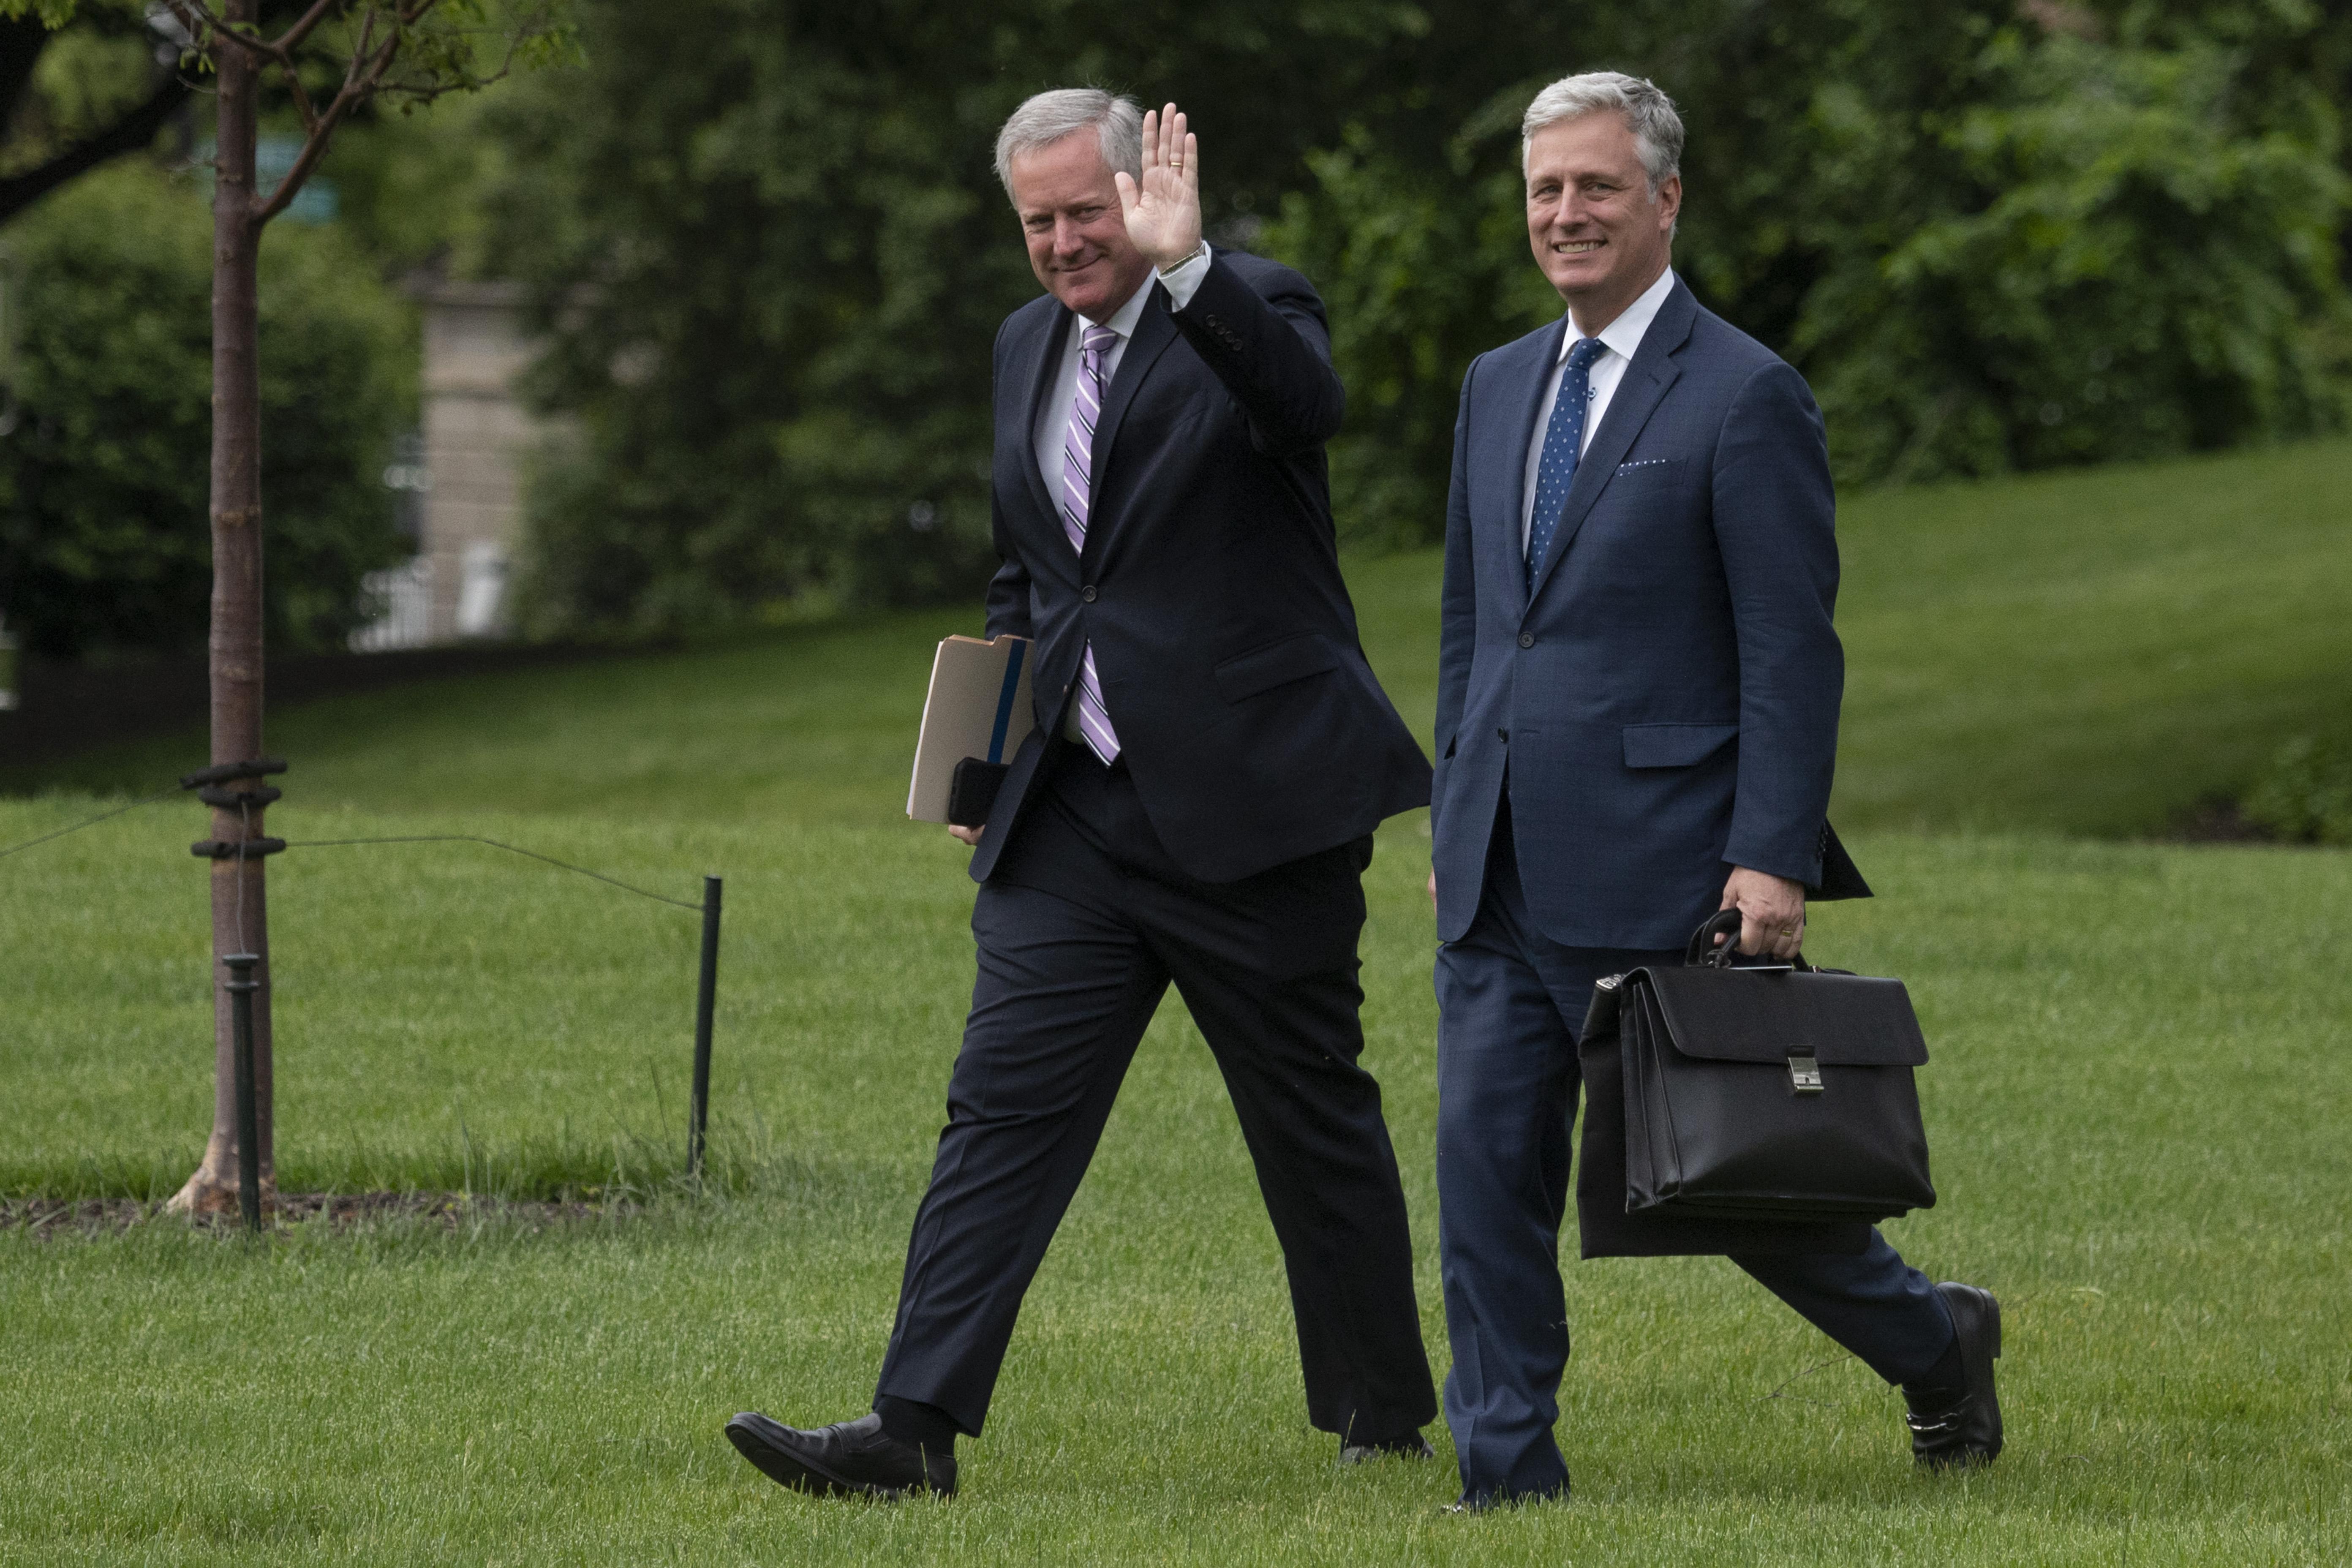 圖為白宮幕僚長梅多斯(圖左)和白宮國家安全顧問奧布萊恩(圖右)。(Photo by JIM WATSON/AFP)